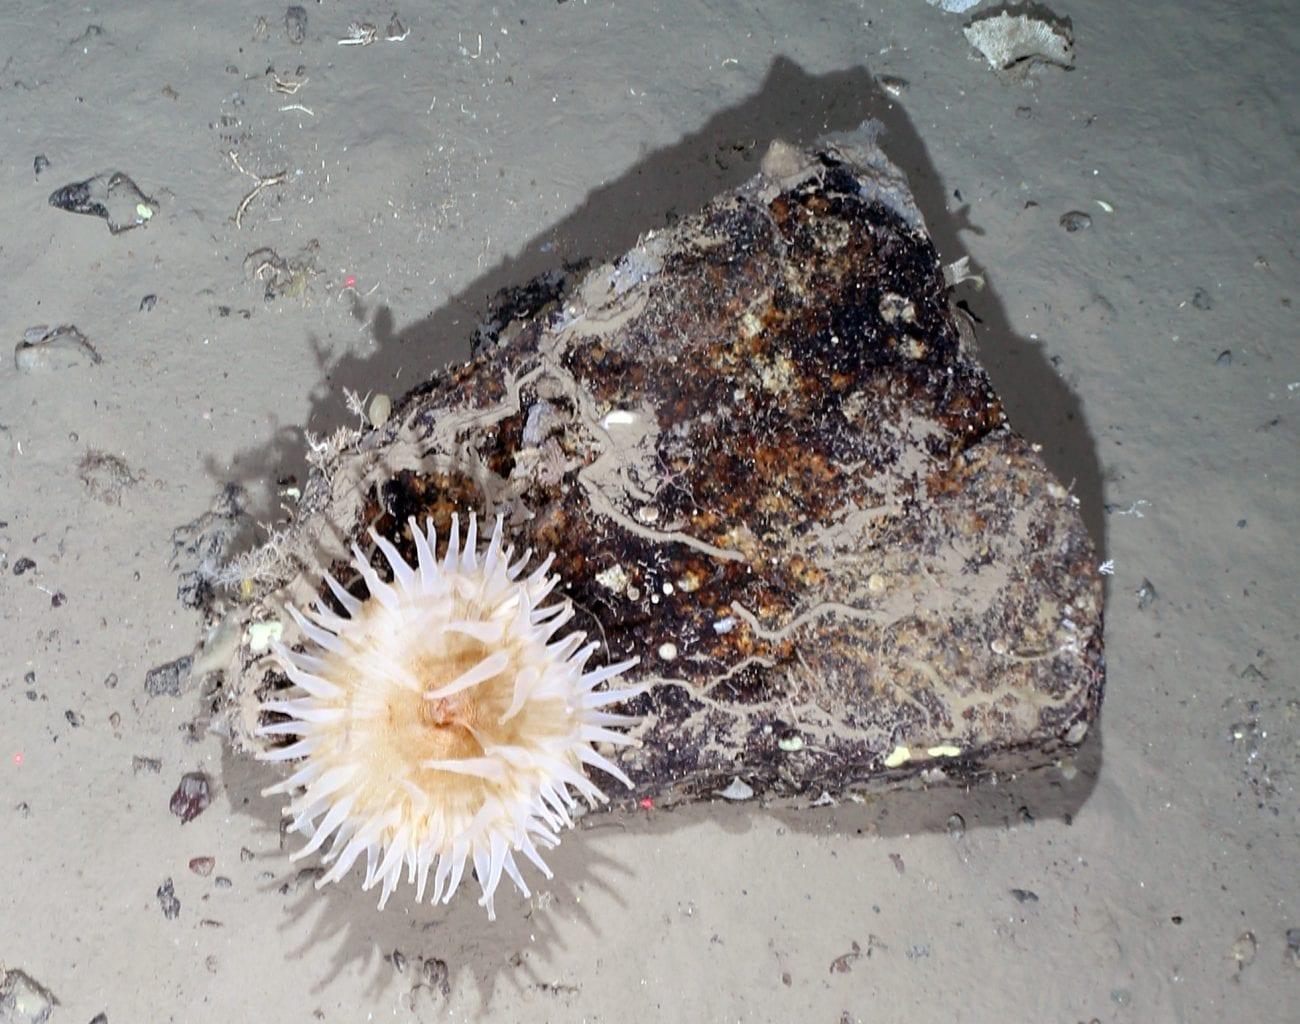 Sea anemones were among the most abundant species seen on the Antarctic Seafloor. Credit: Alfred Wegener Institute